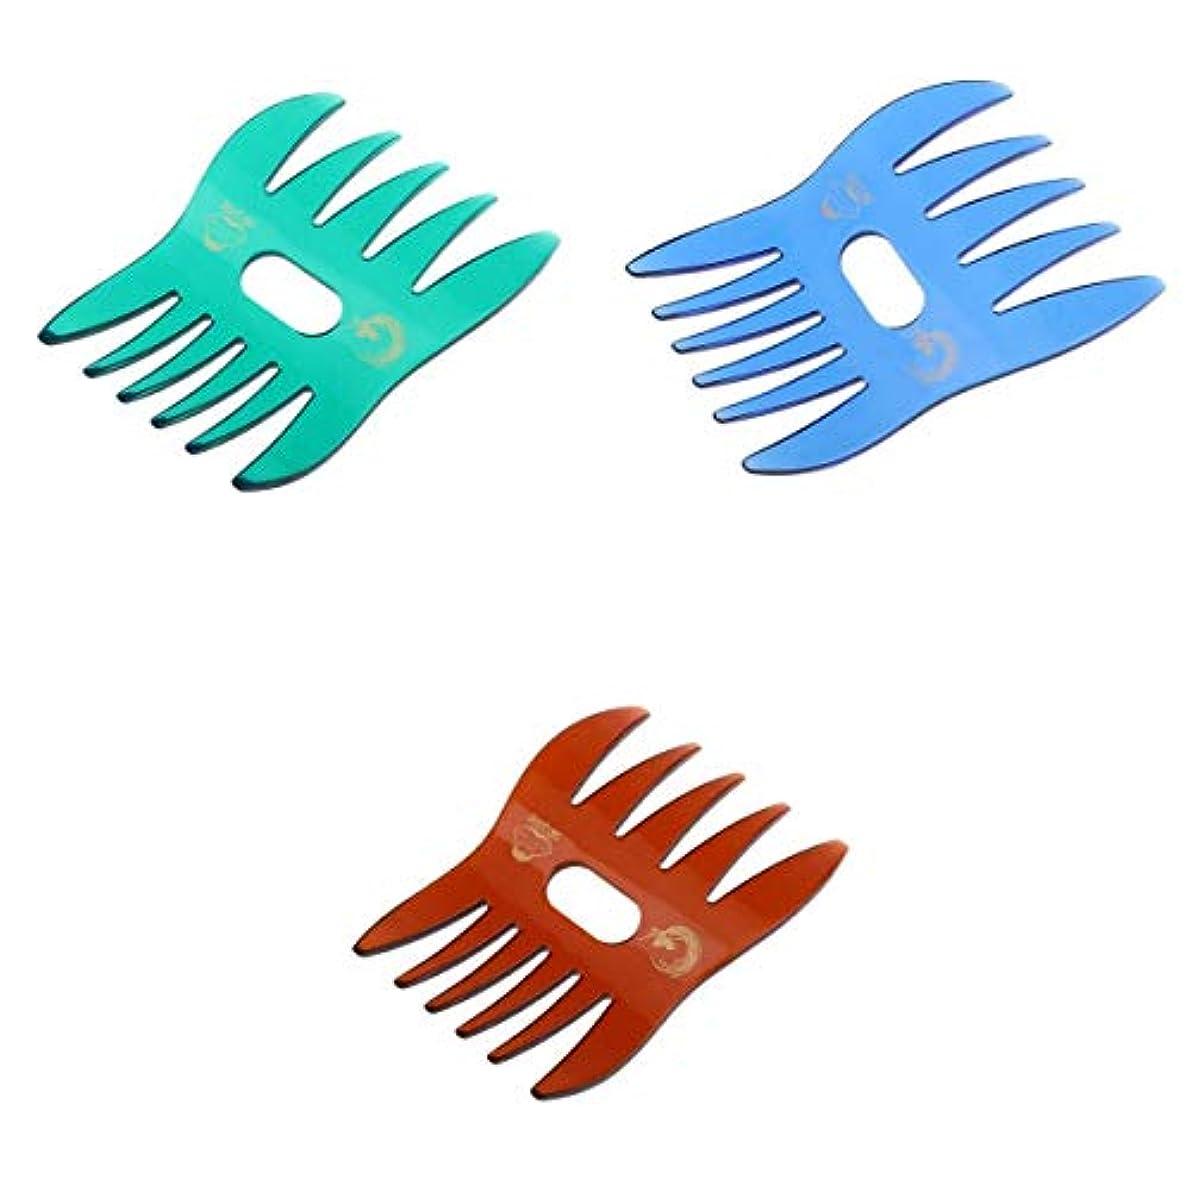 制限する評価手のひらT TOOYFUL 櫛 ヘアコーム コーム ヘア櫛 静電気防止 粗歯 頭皮マッサージ オイルヘアスタイル